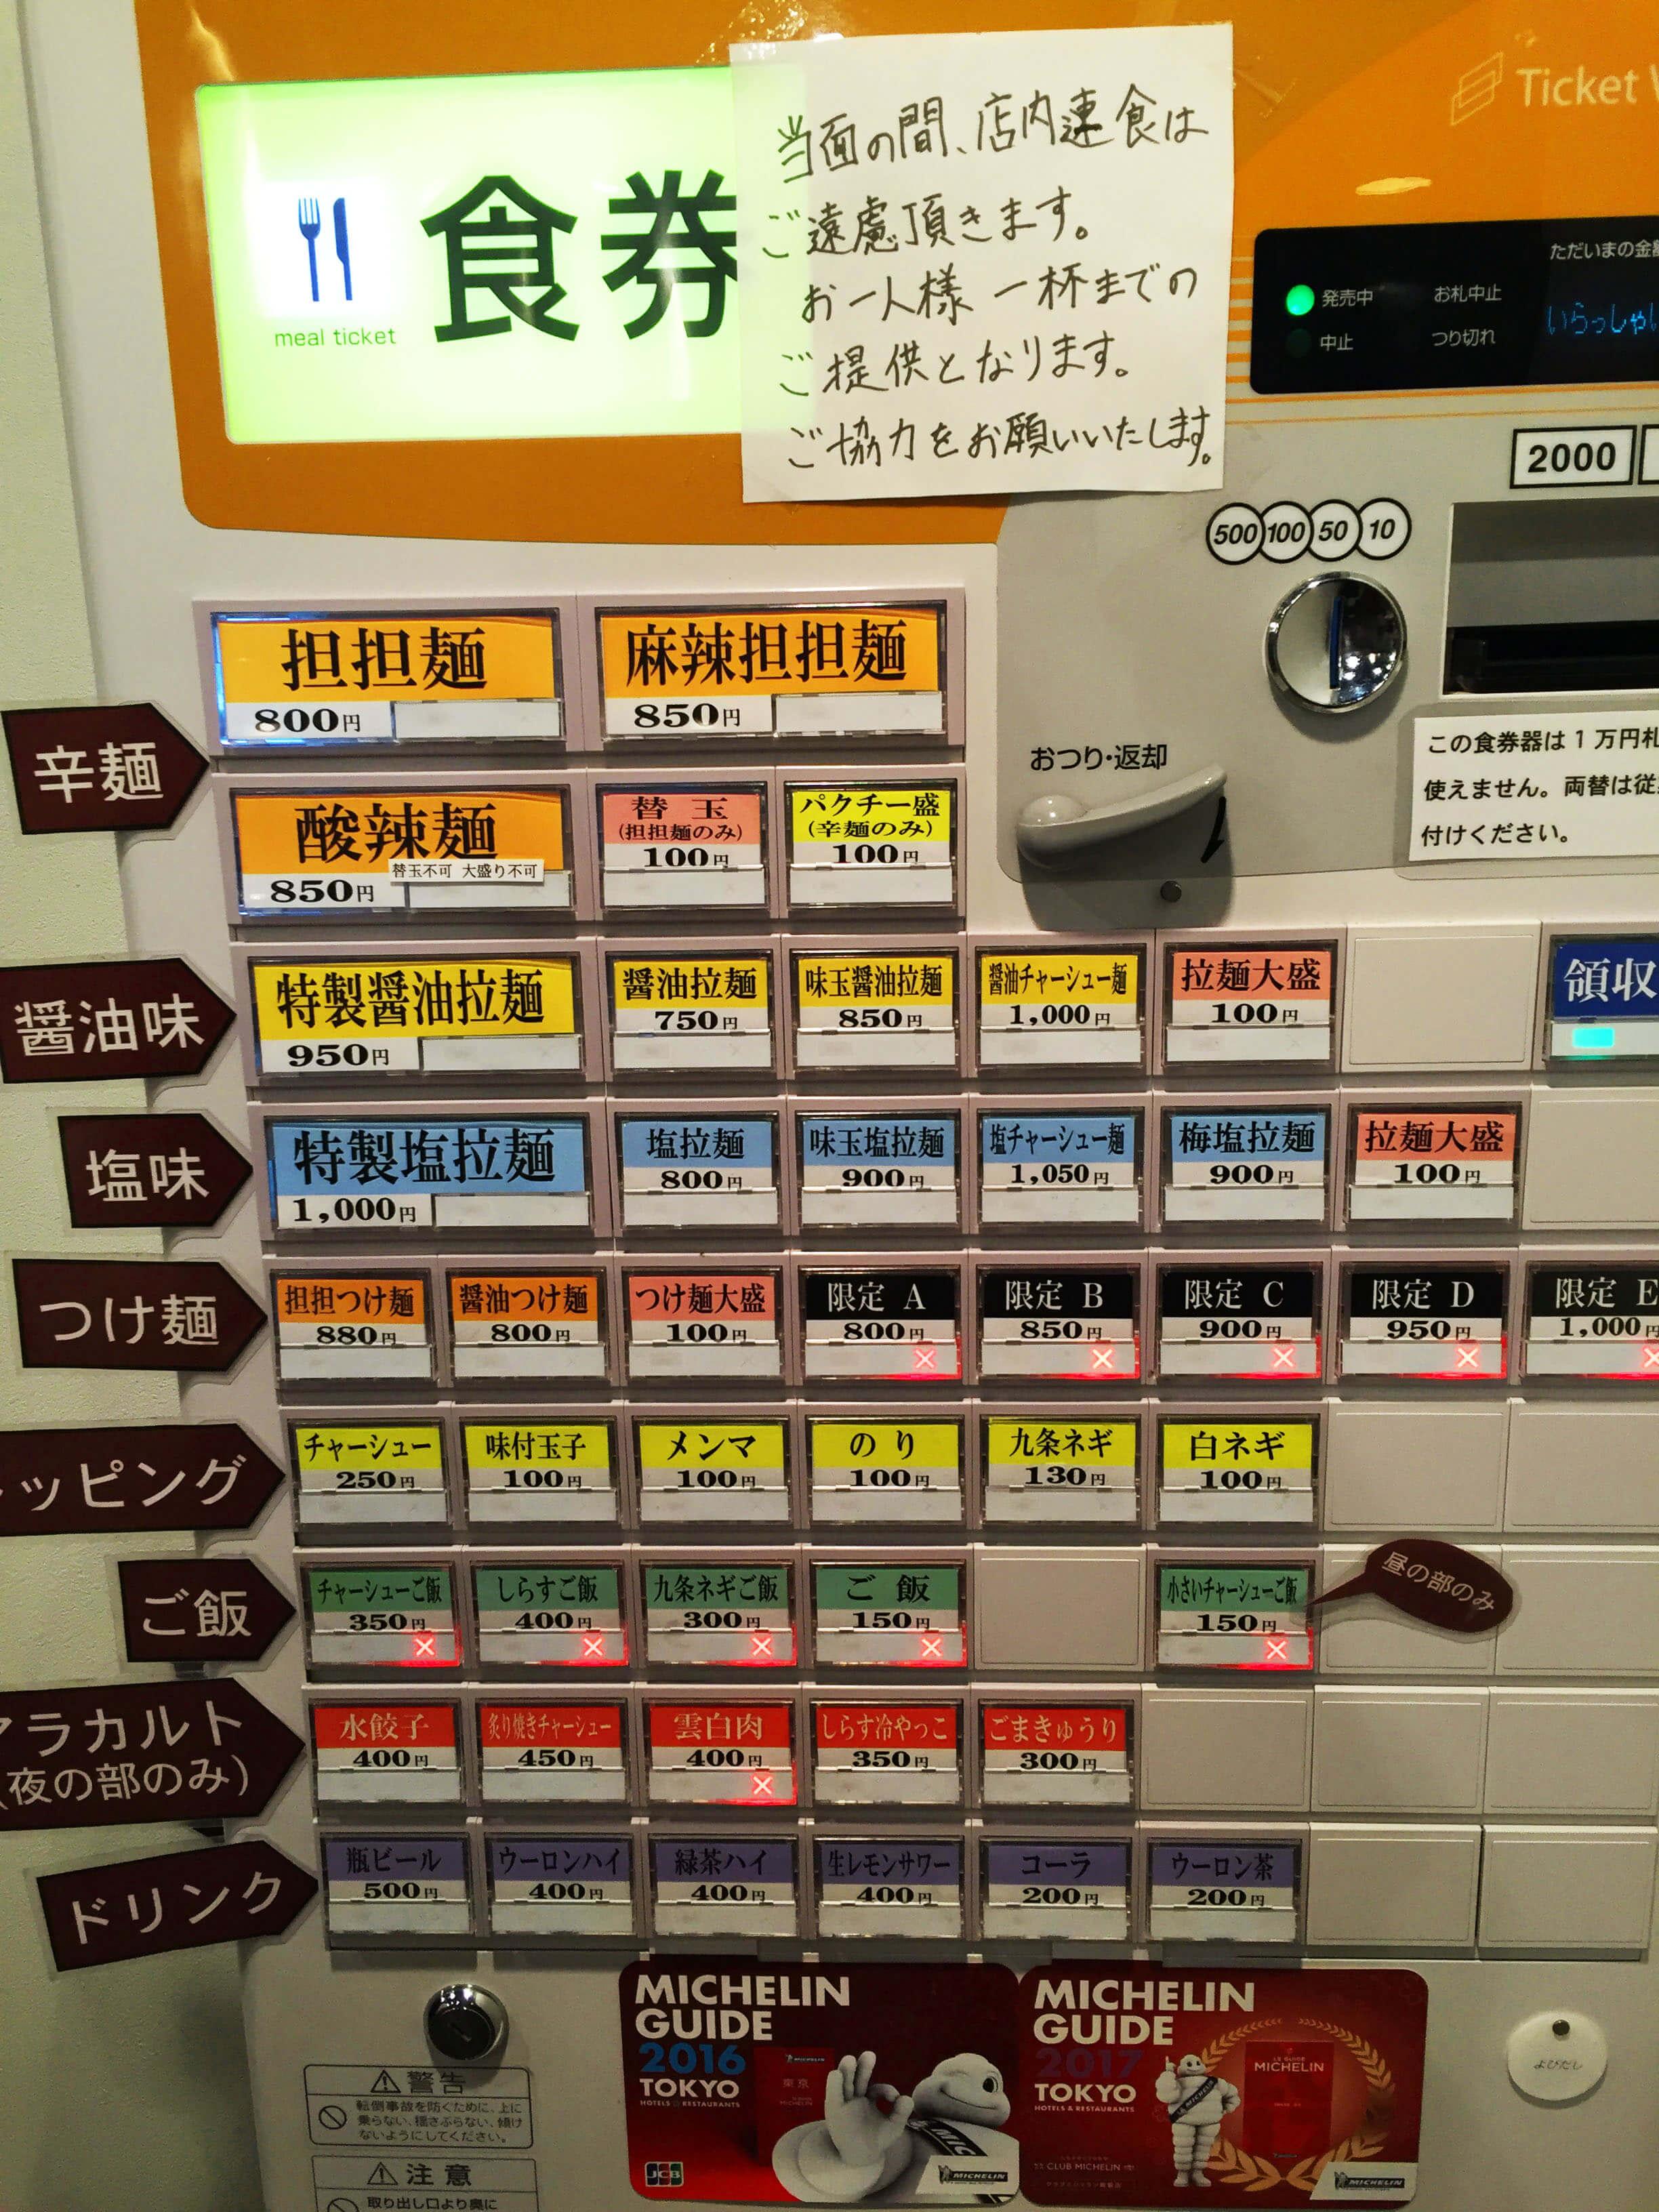 Ramen Ticket Machine